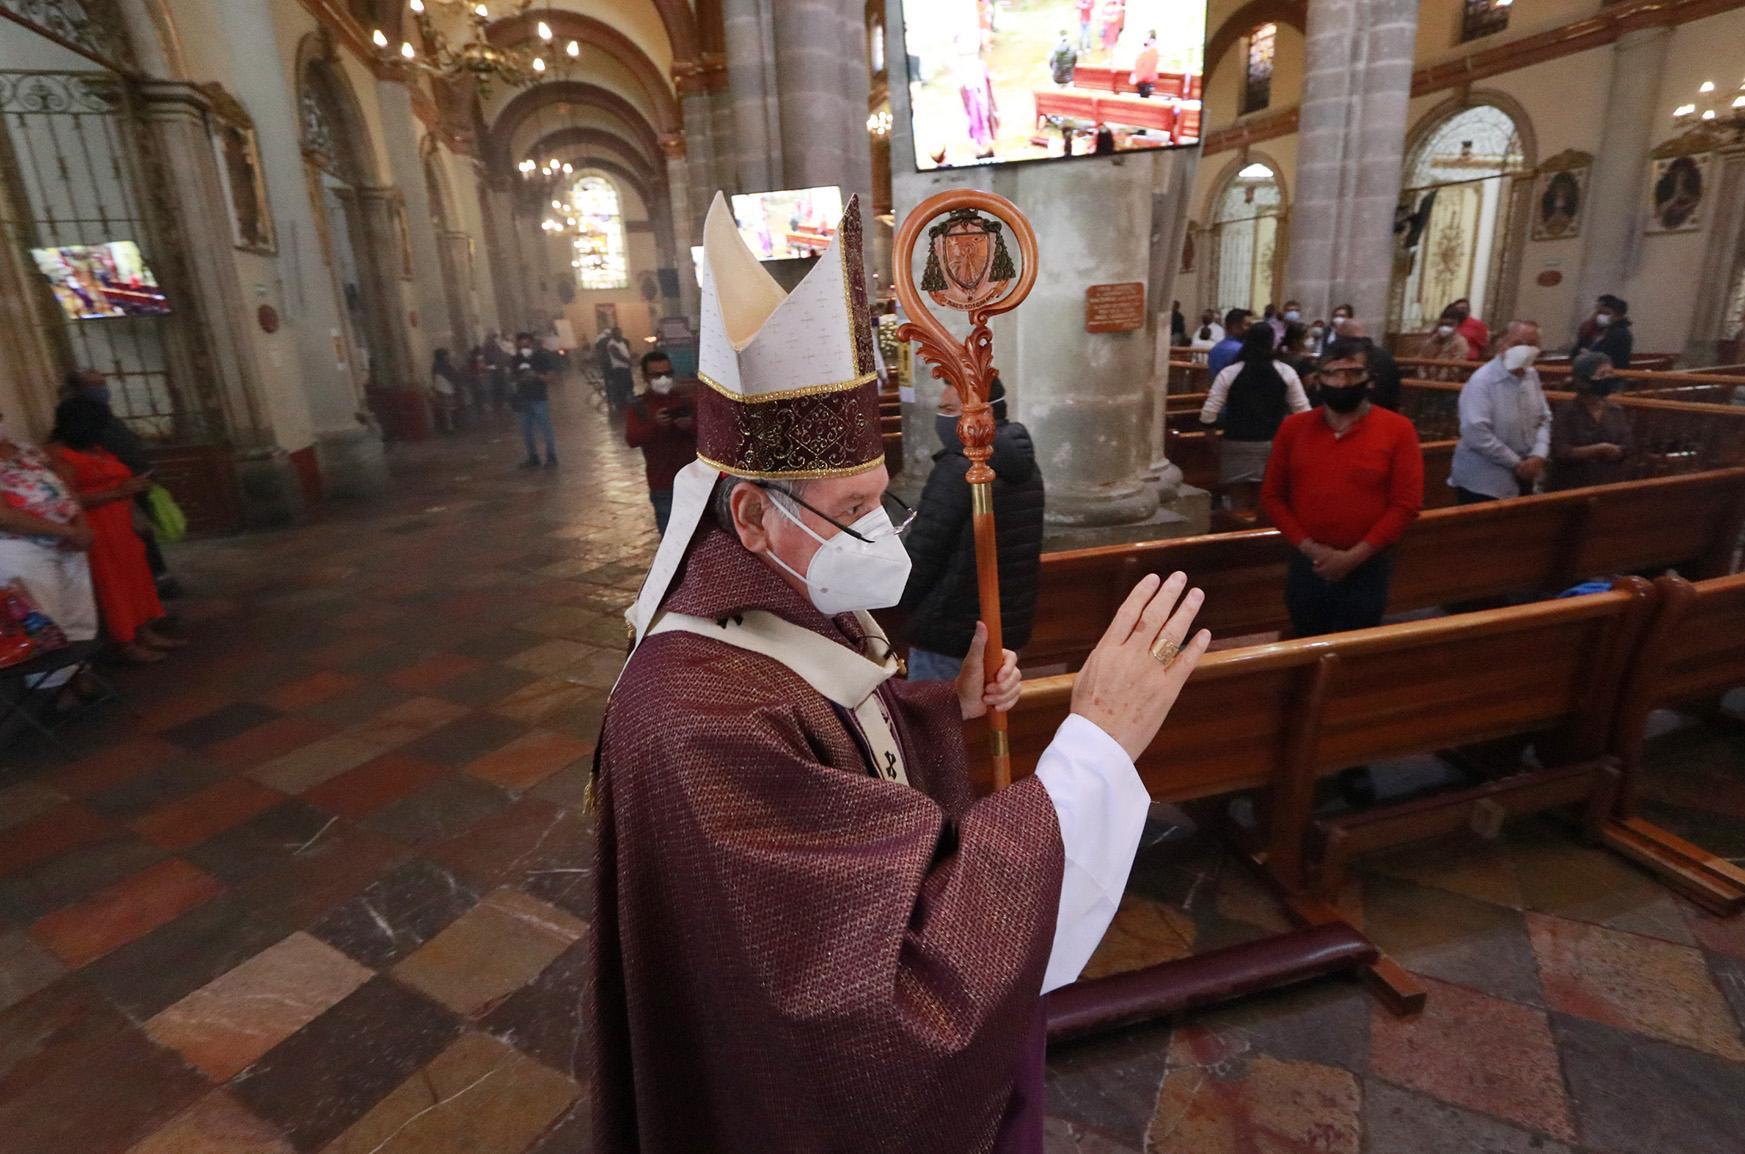 En tiempos de cuaresma, pide Arzobispo reafirmar la fe   El Imparcial de Oaxaca